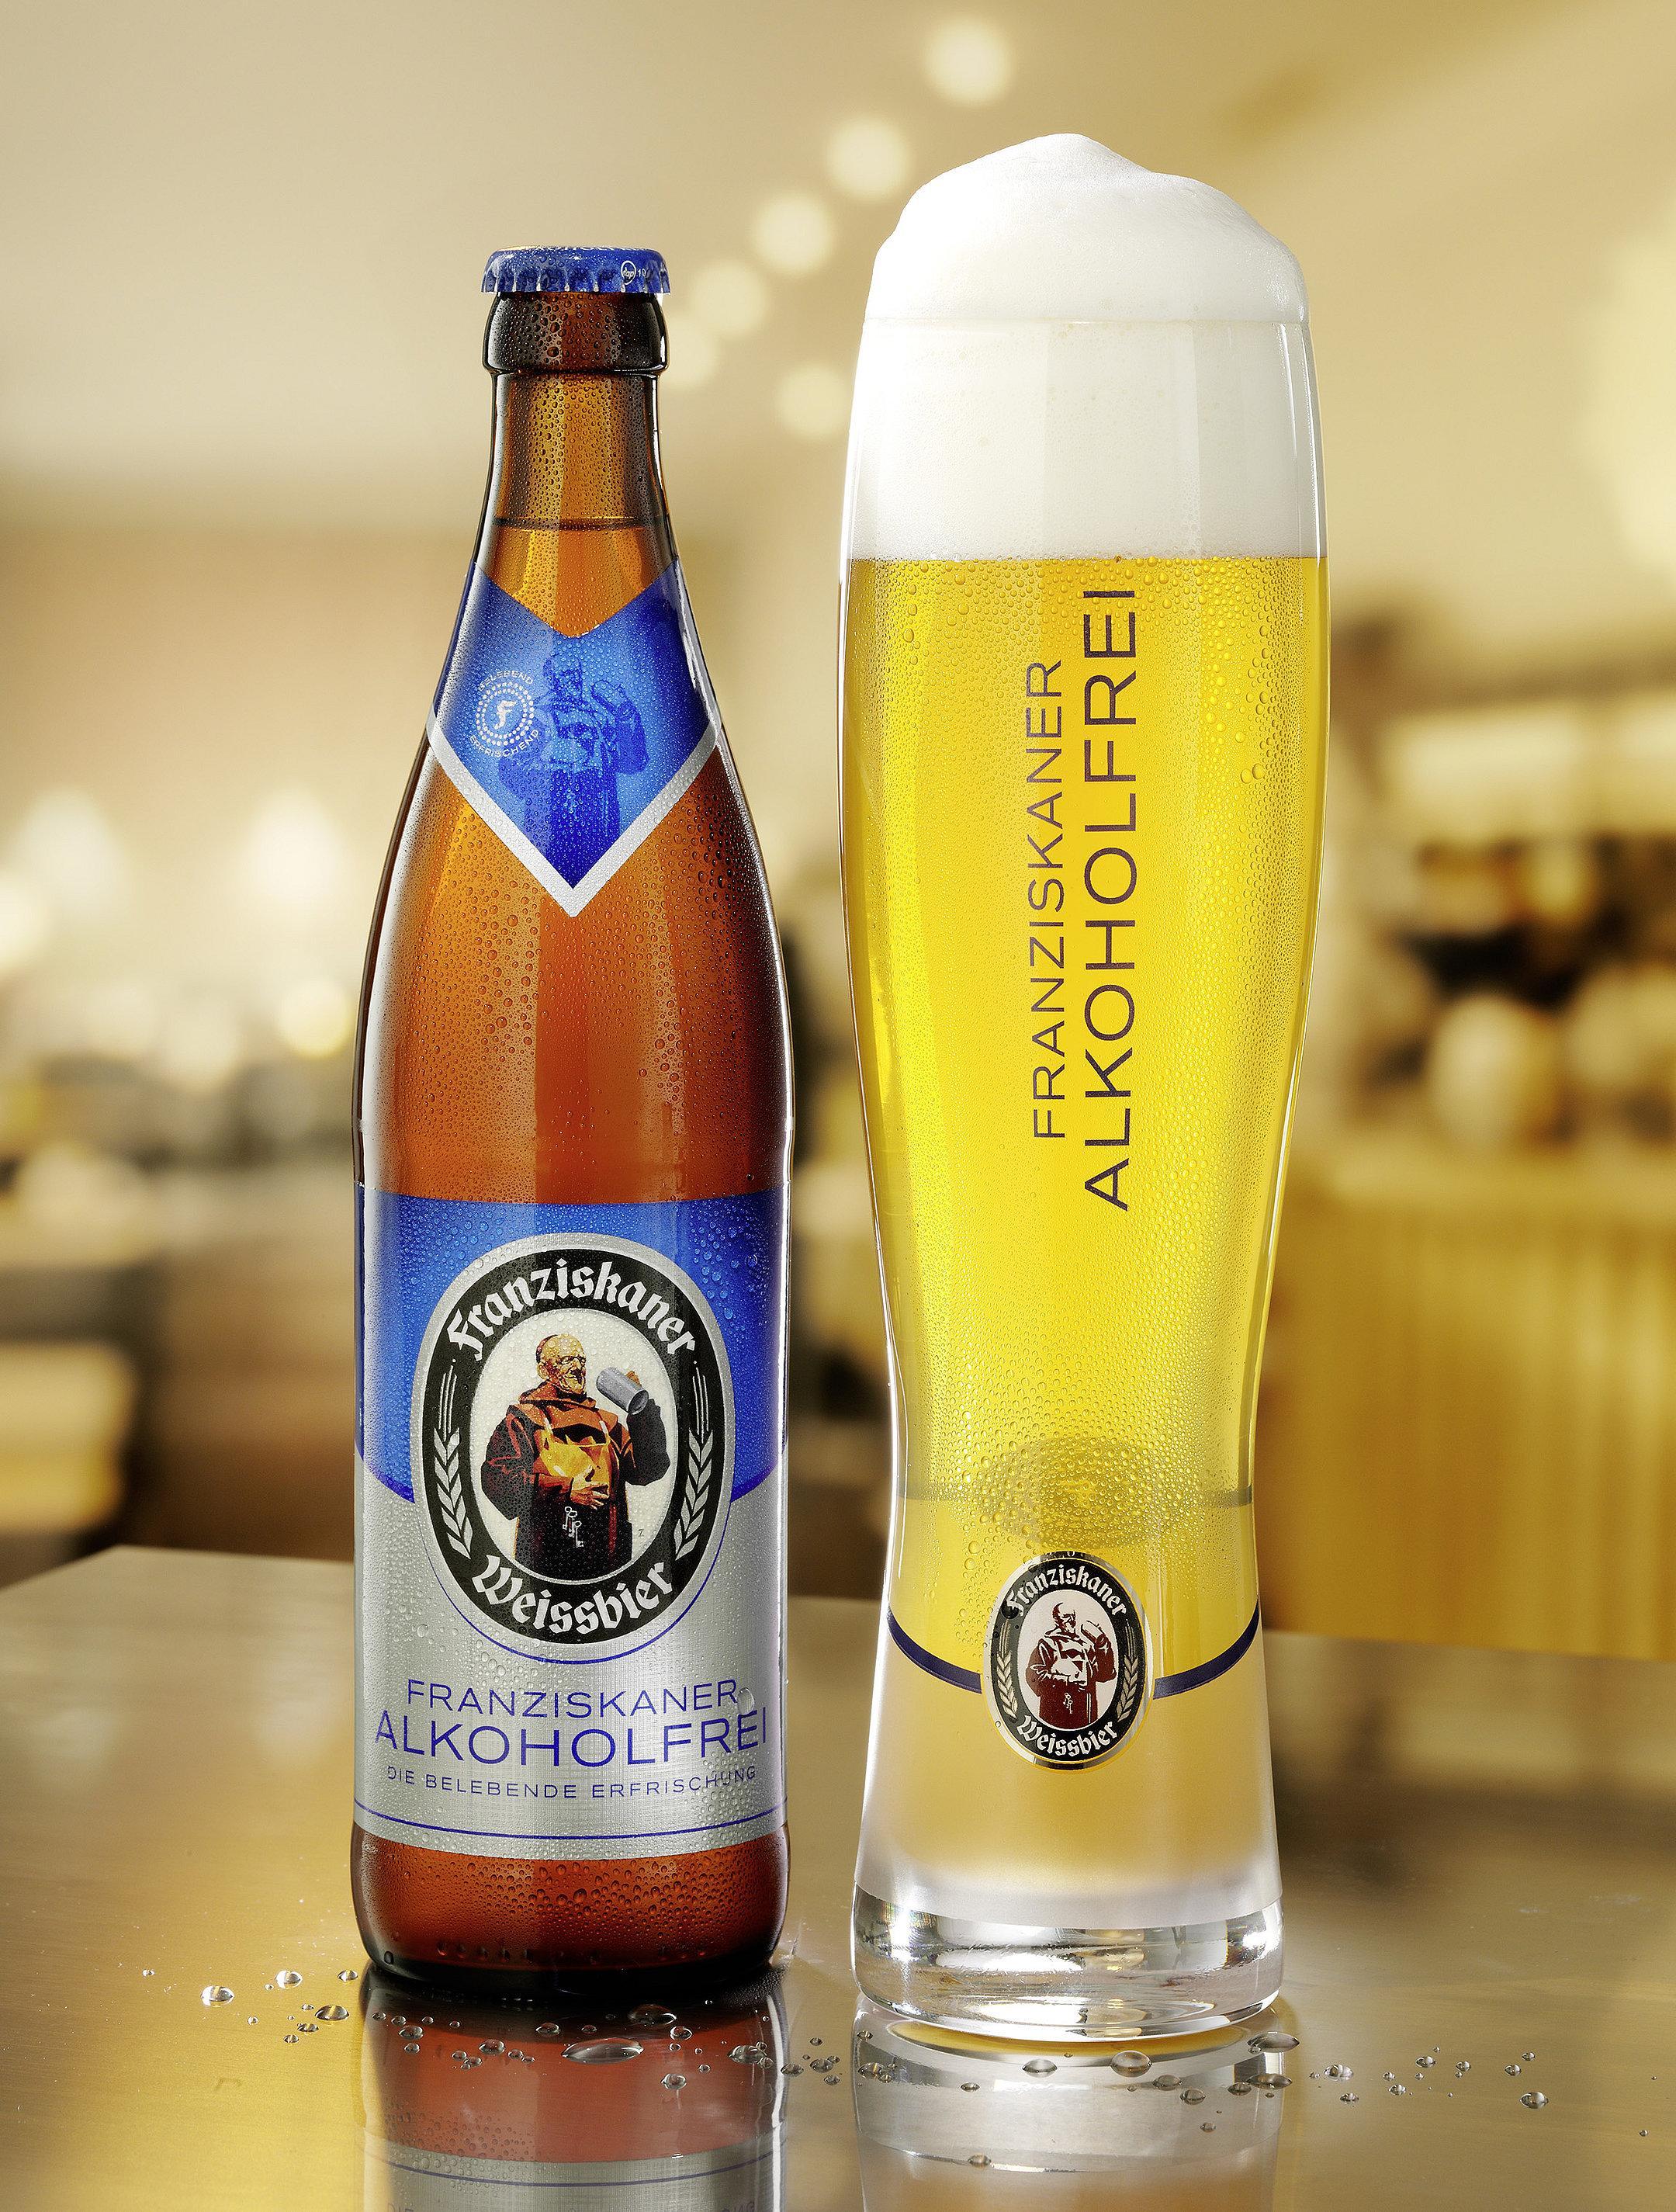 Franziskaner alkohohlfrei Glas und Flasche